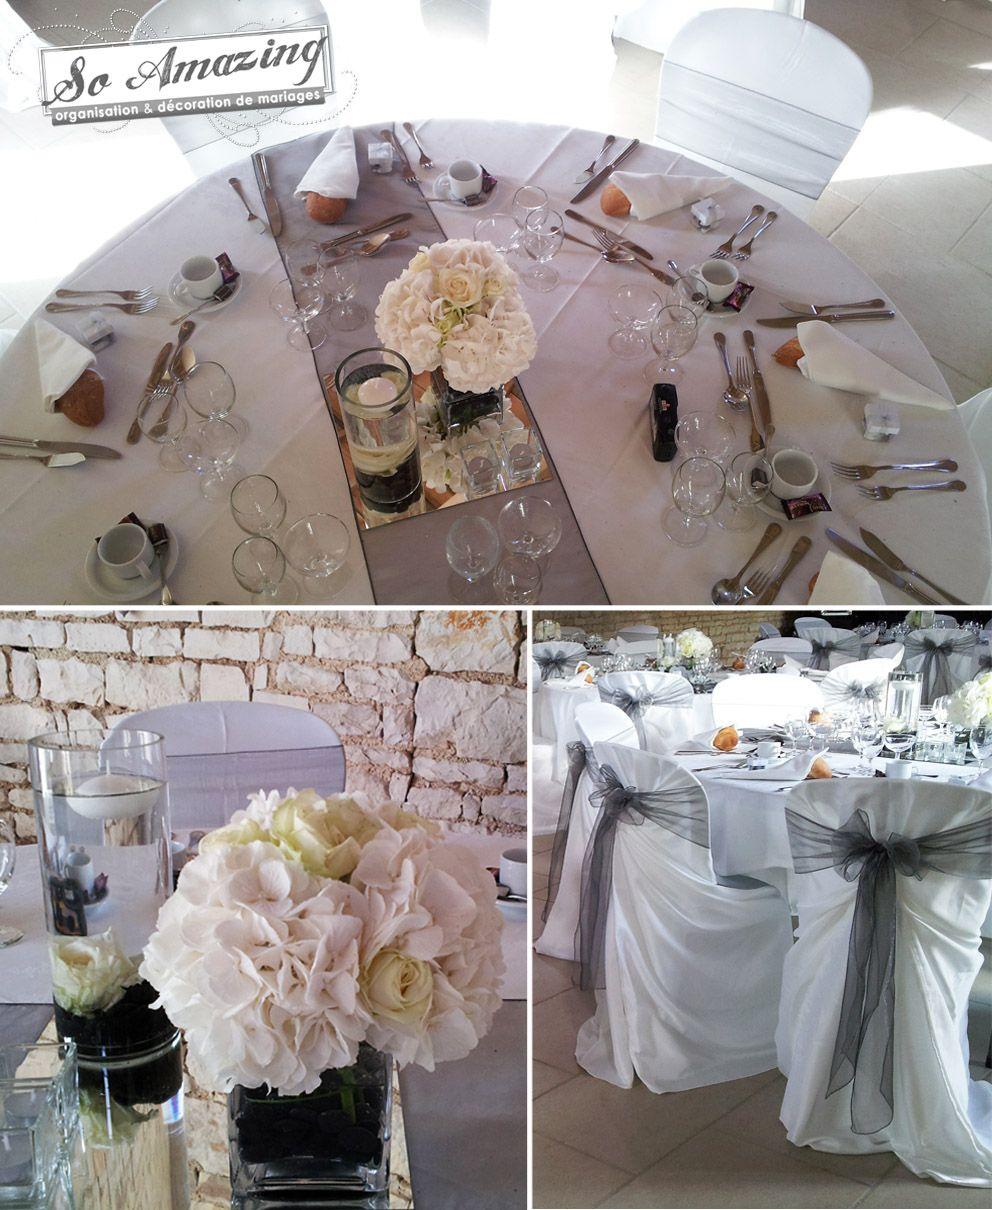 D coration de mariage gris perl anthracite argent blanc la gravette niort id es d cor centre - Centre de table mariage ...